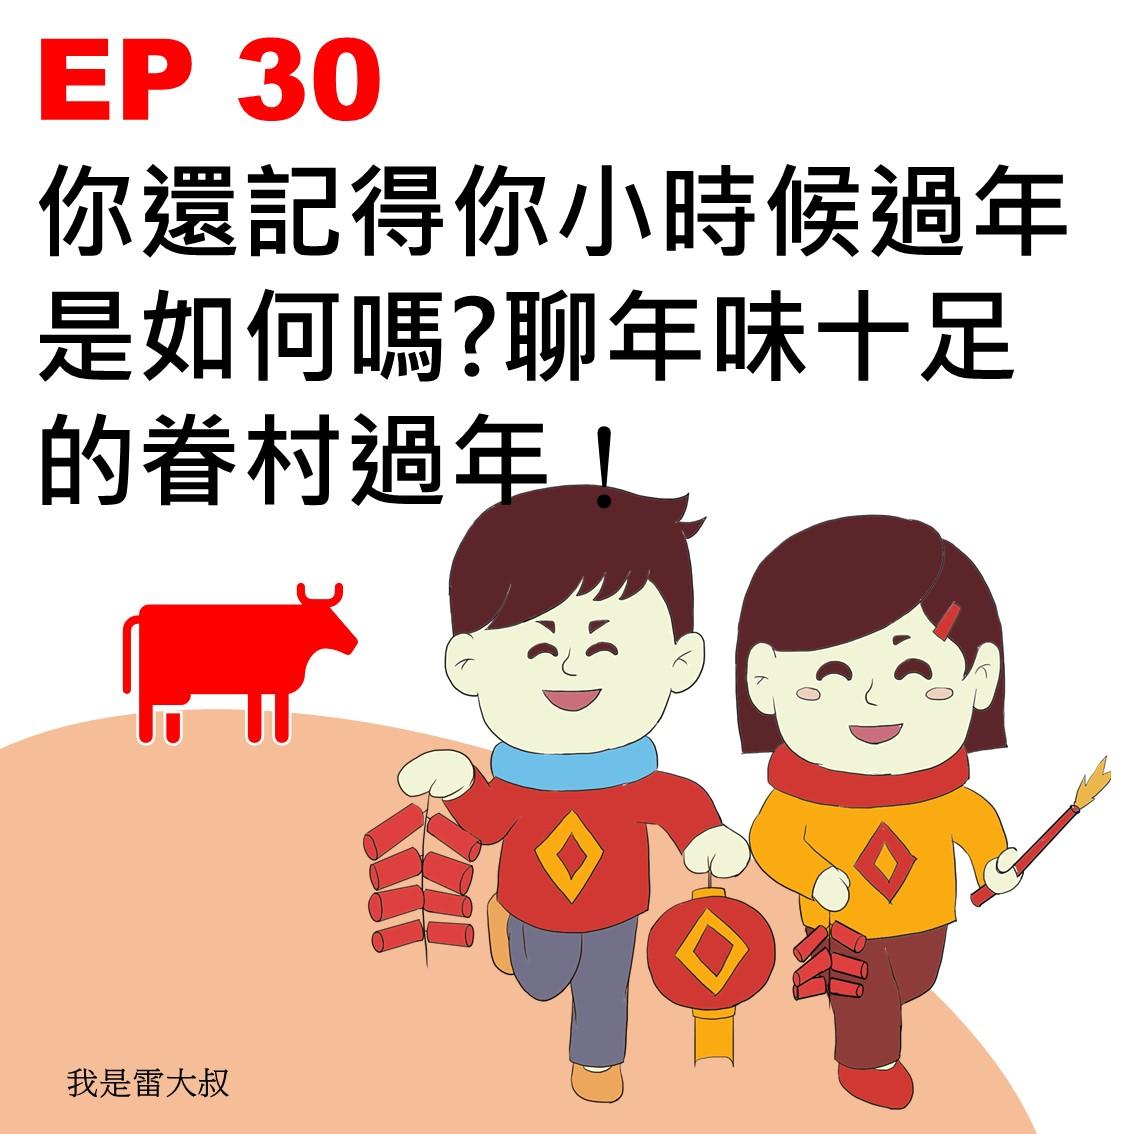 EP 30  你還記得你小時候過年是如何嗎?聊年味十足的眷村過年!